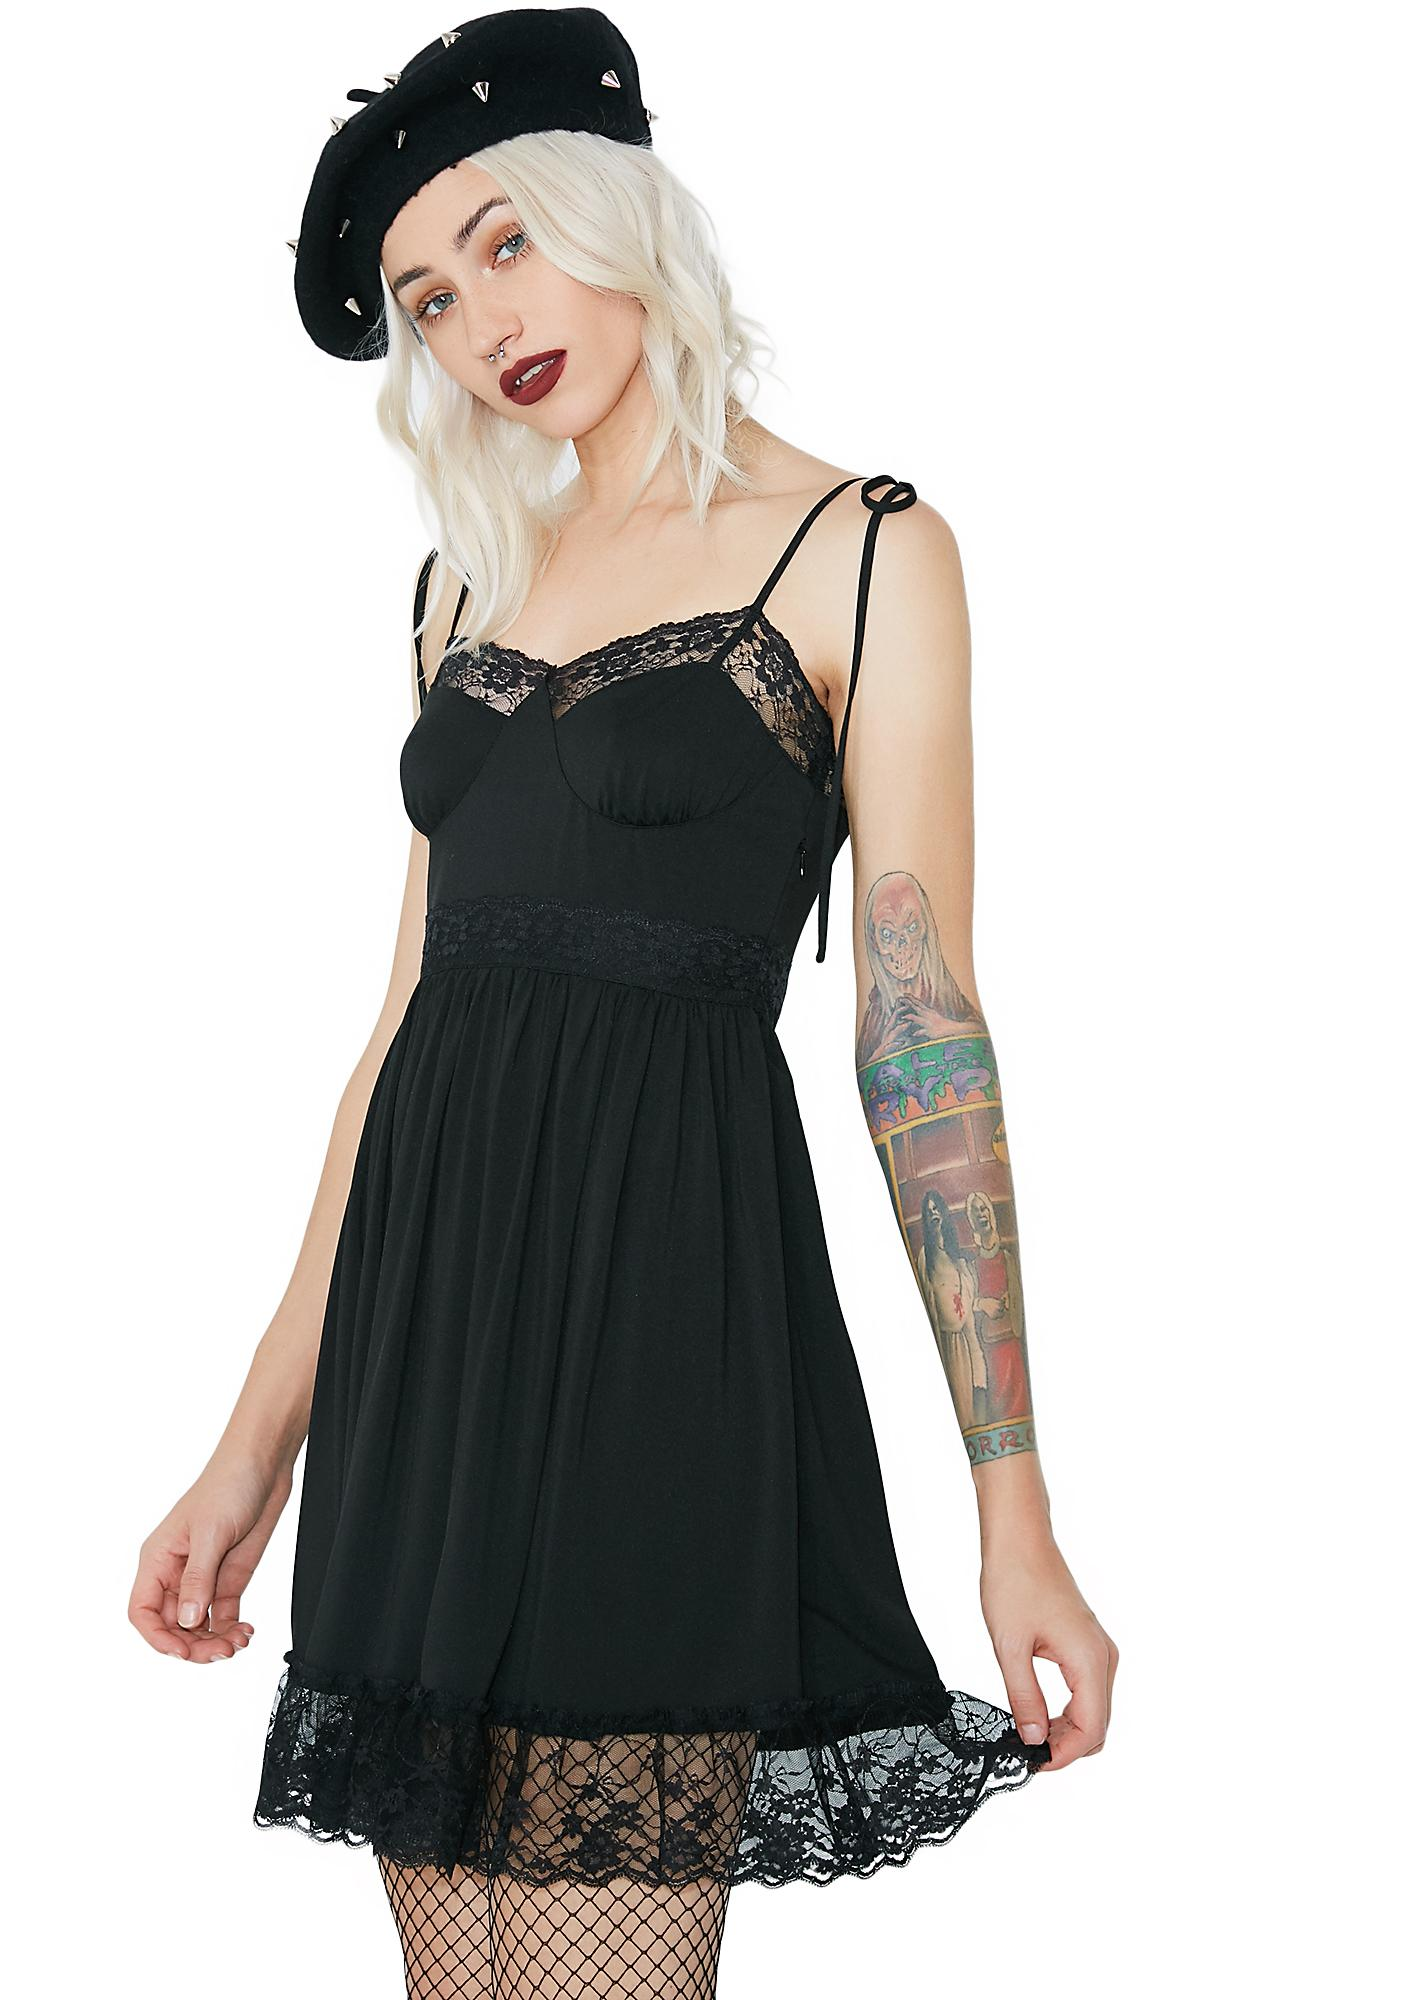 Sugar Thrillz Midnight Cutie Chaser Lacy Dress